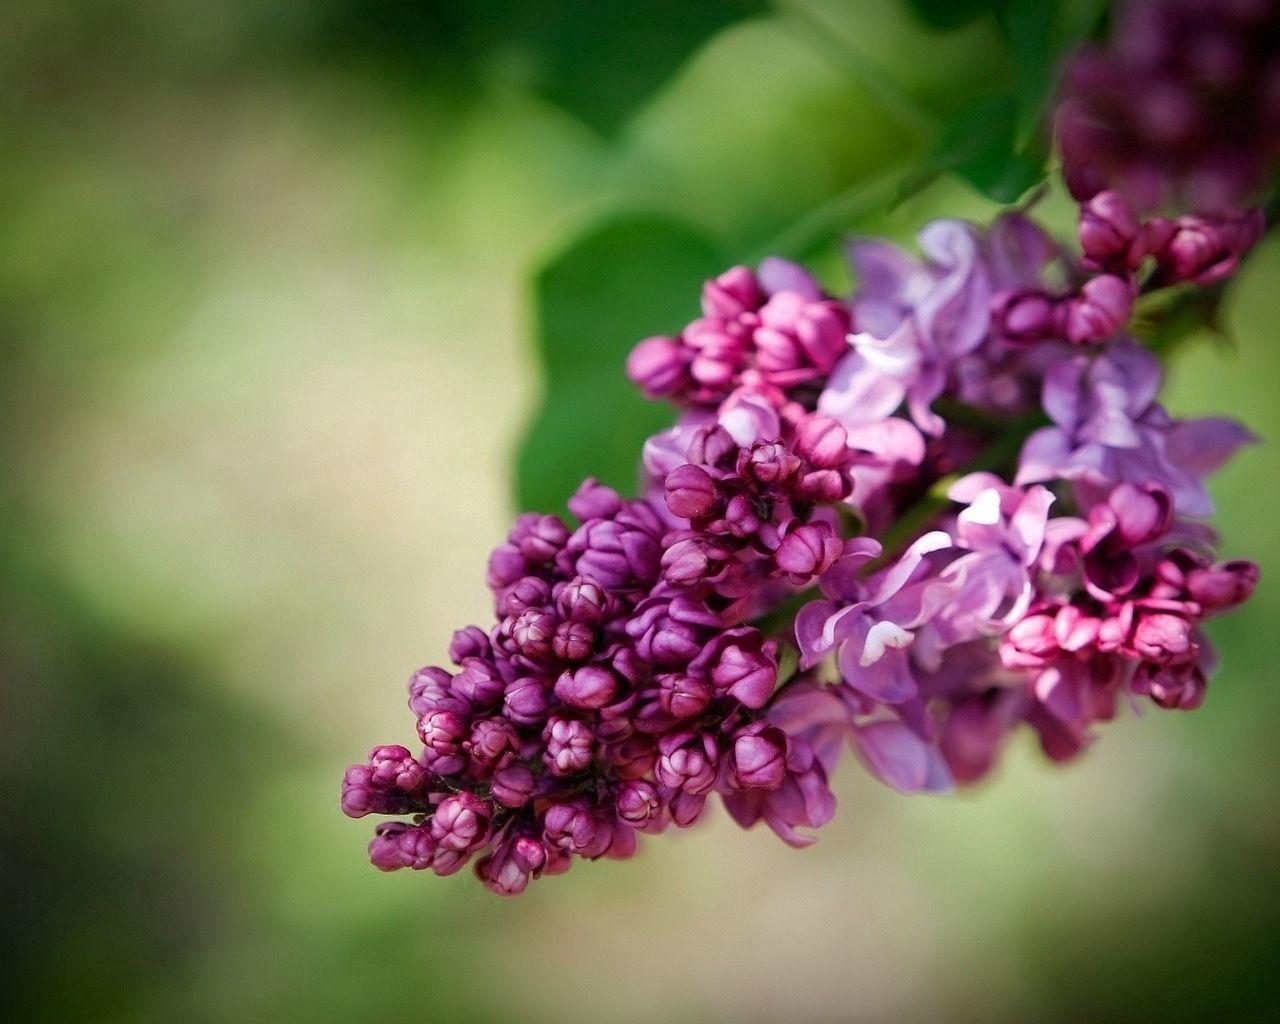 82493 Hintergrundbild herunterladen Blumen, Lilac, Bindweed, Nahaufnahme, Blühen, Blühenden, Nahansicht, Frühling - Bildschirmschoner und Bilder kostenlos